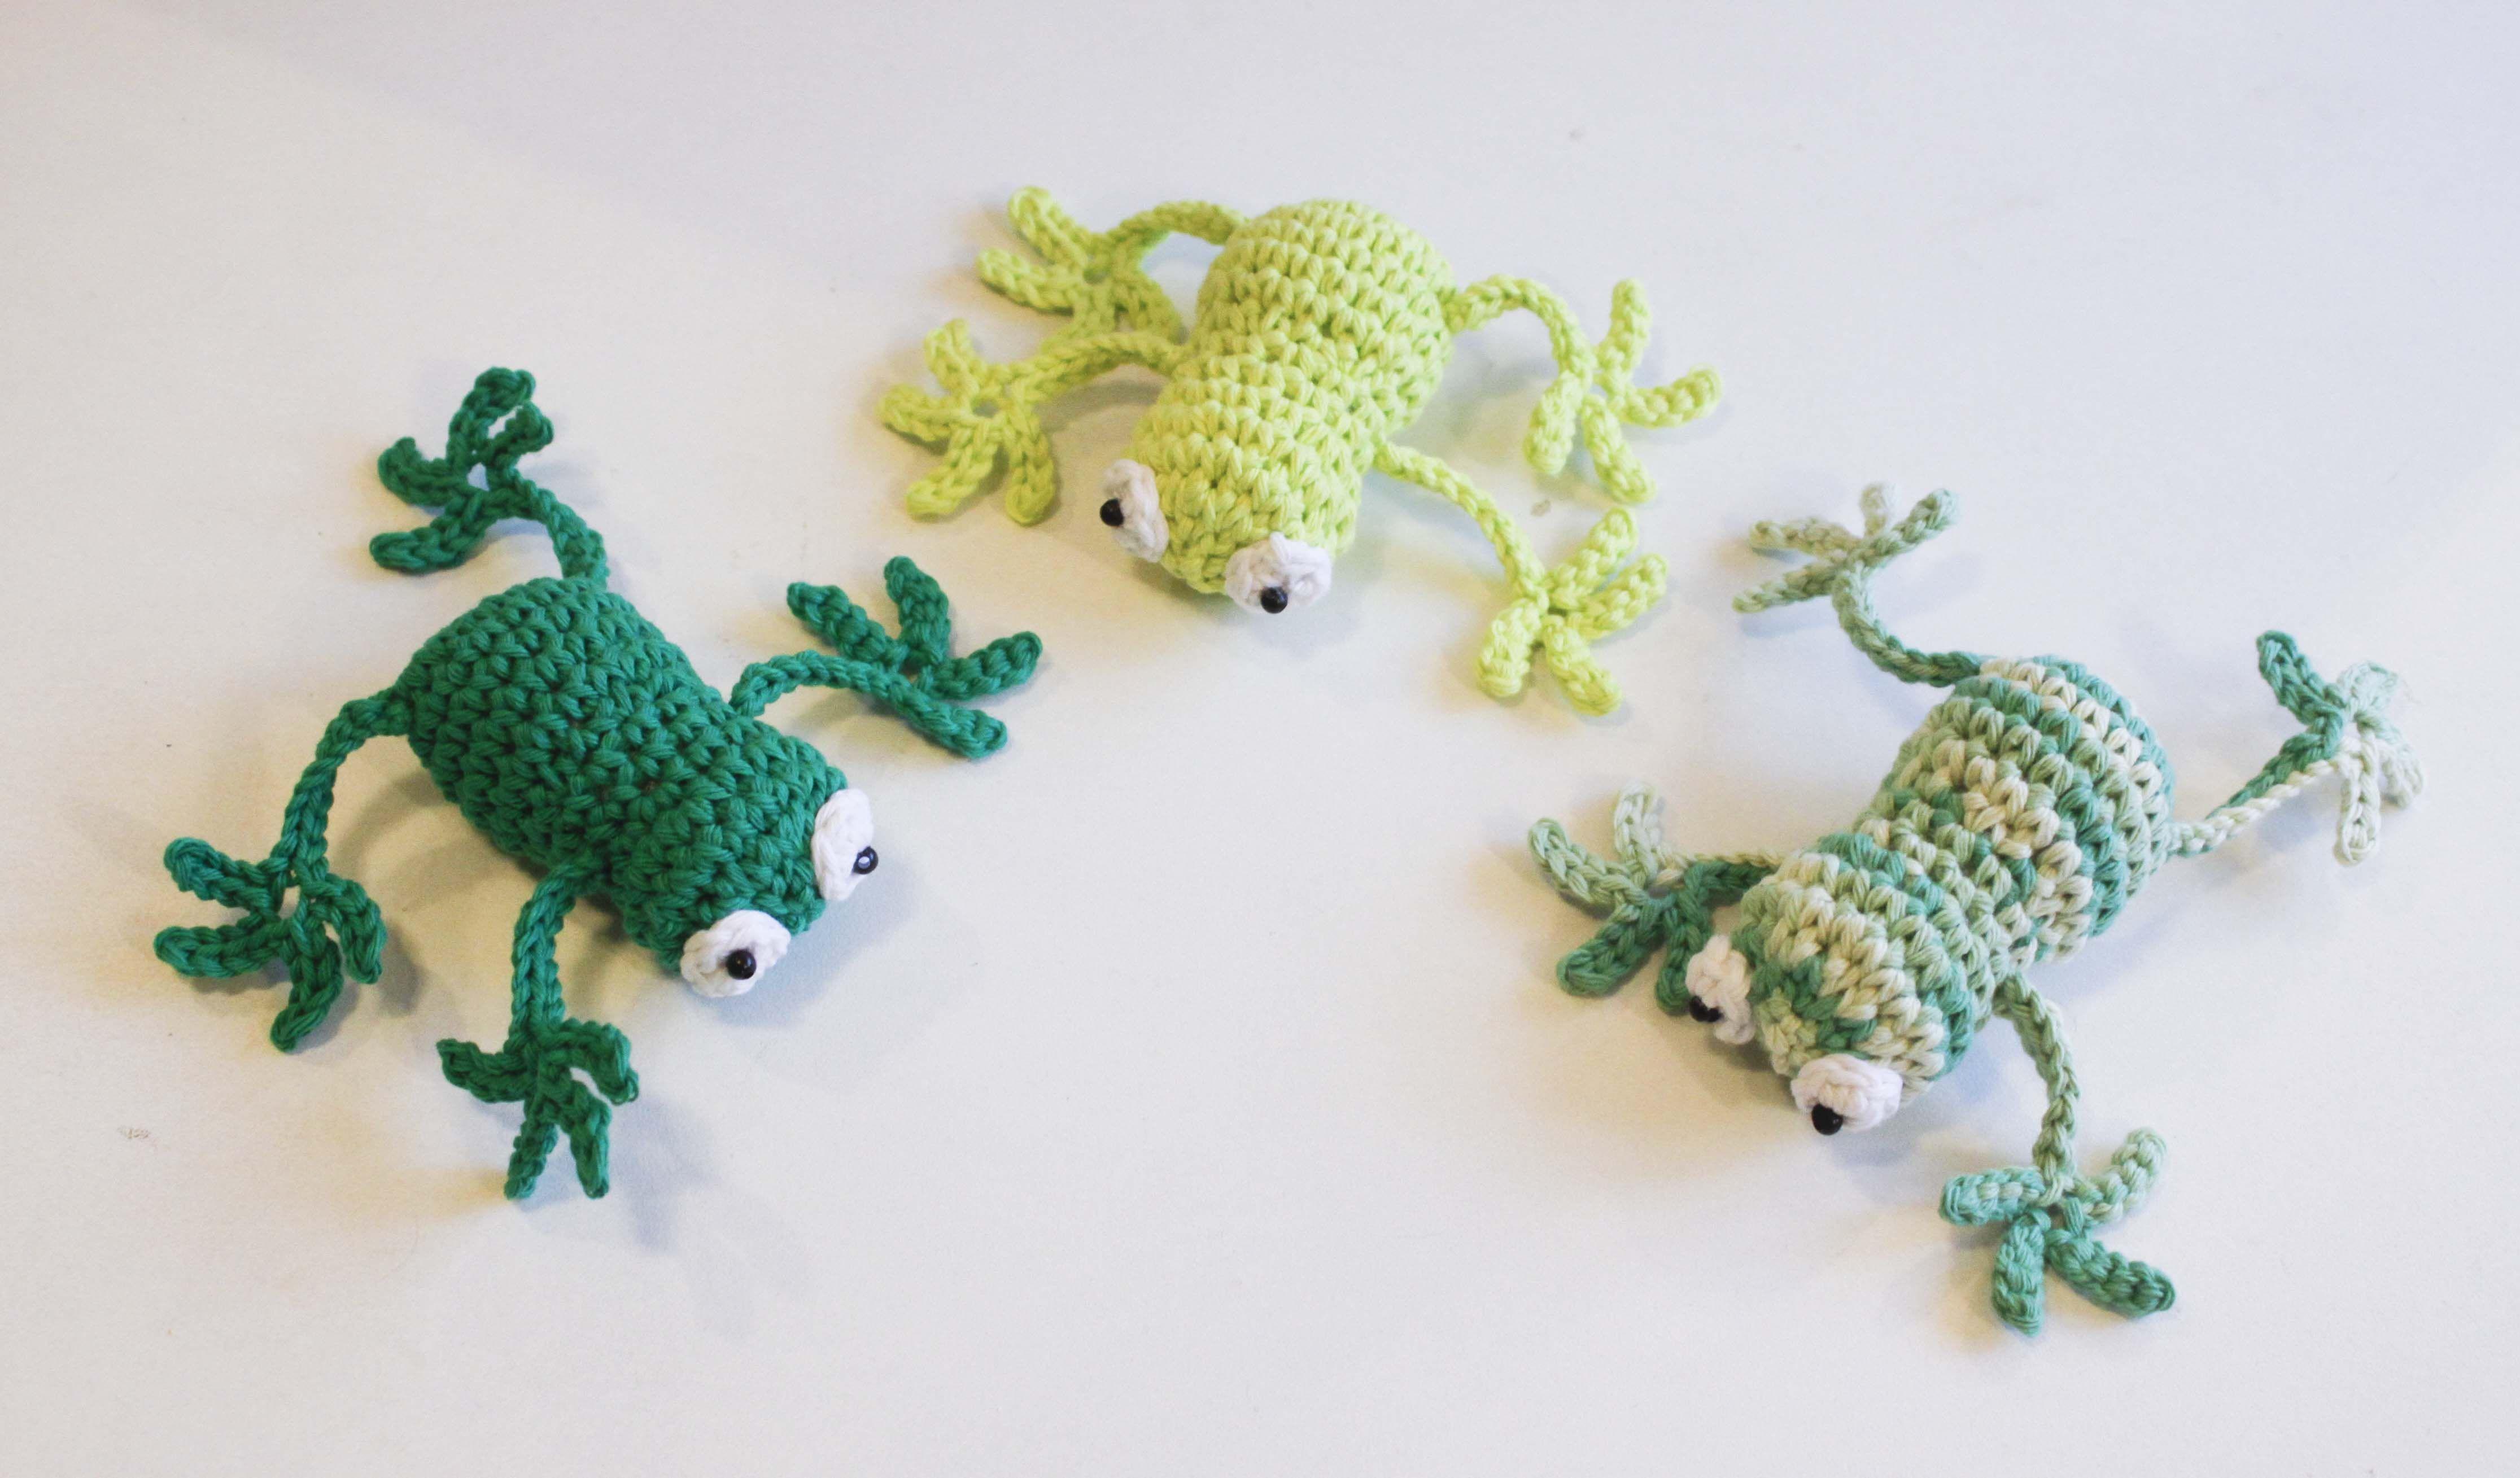 ranas frogs | Hračky - pletení, háčkování, šití | Pinterest | Ranas ...